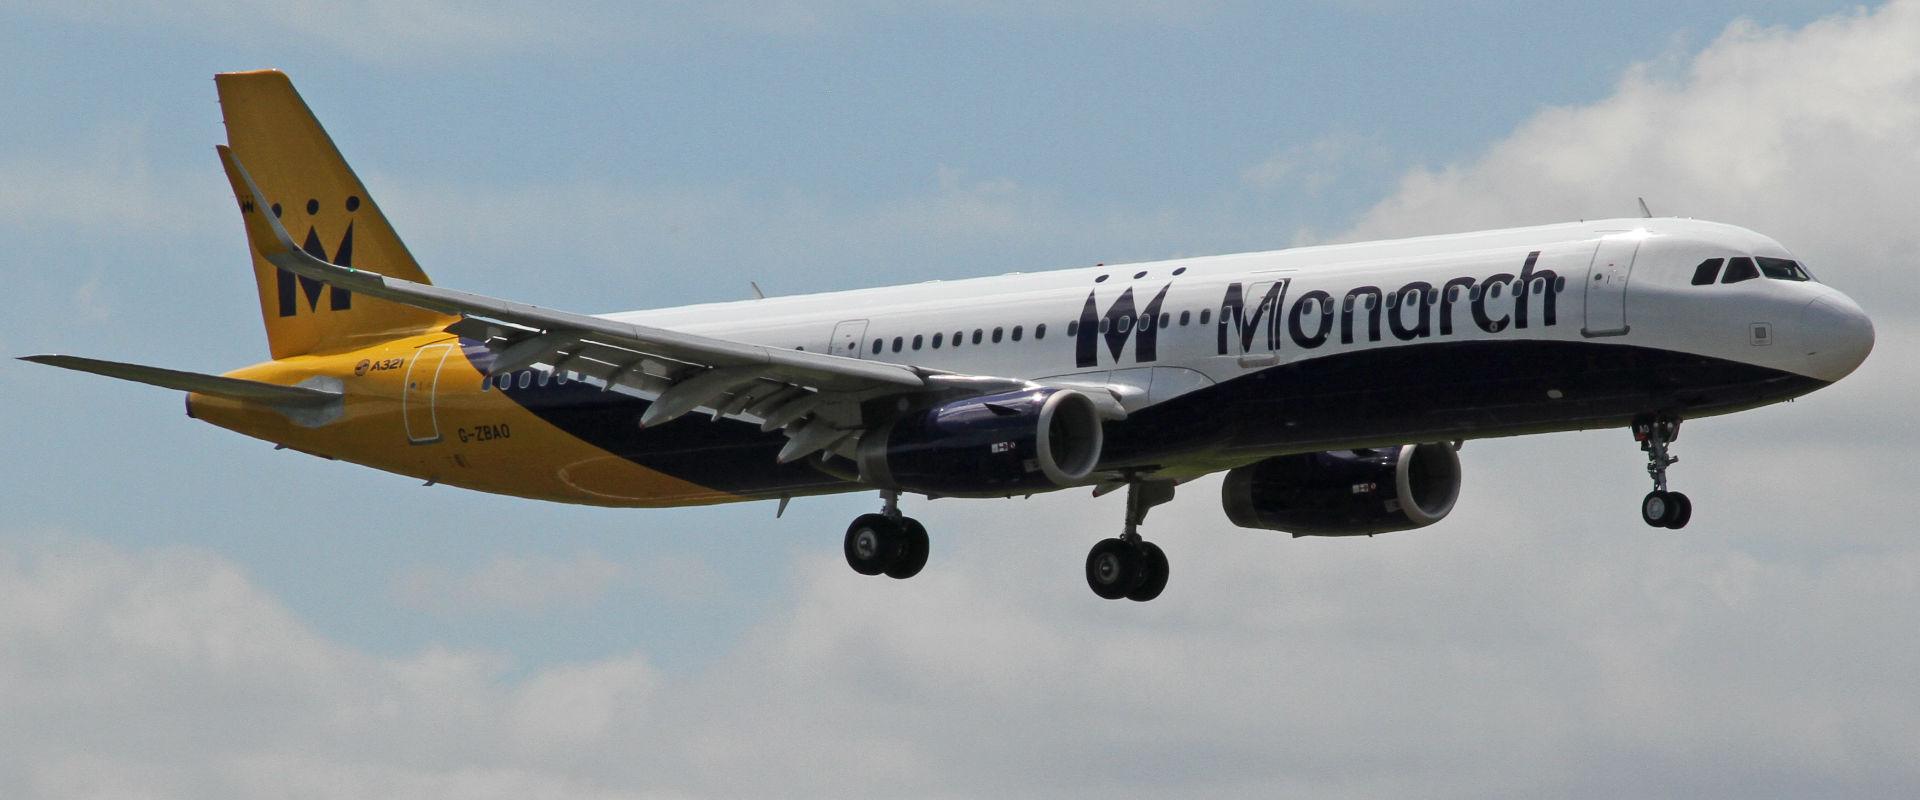 מטוס של חברת מונרך